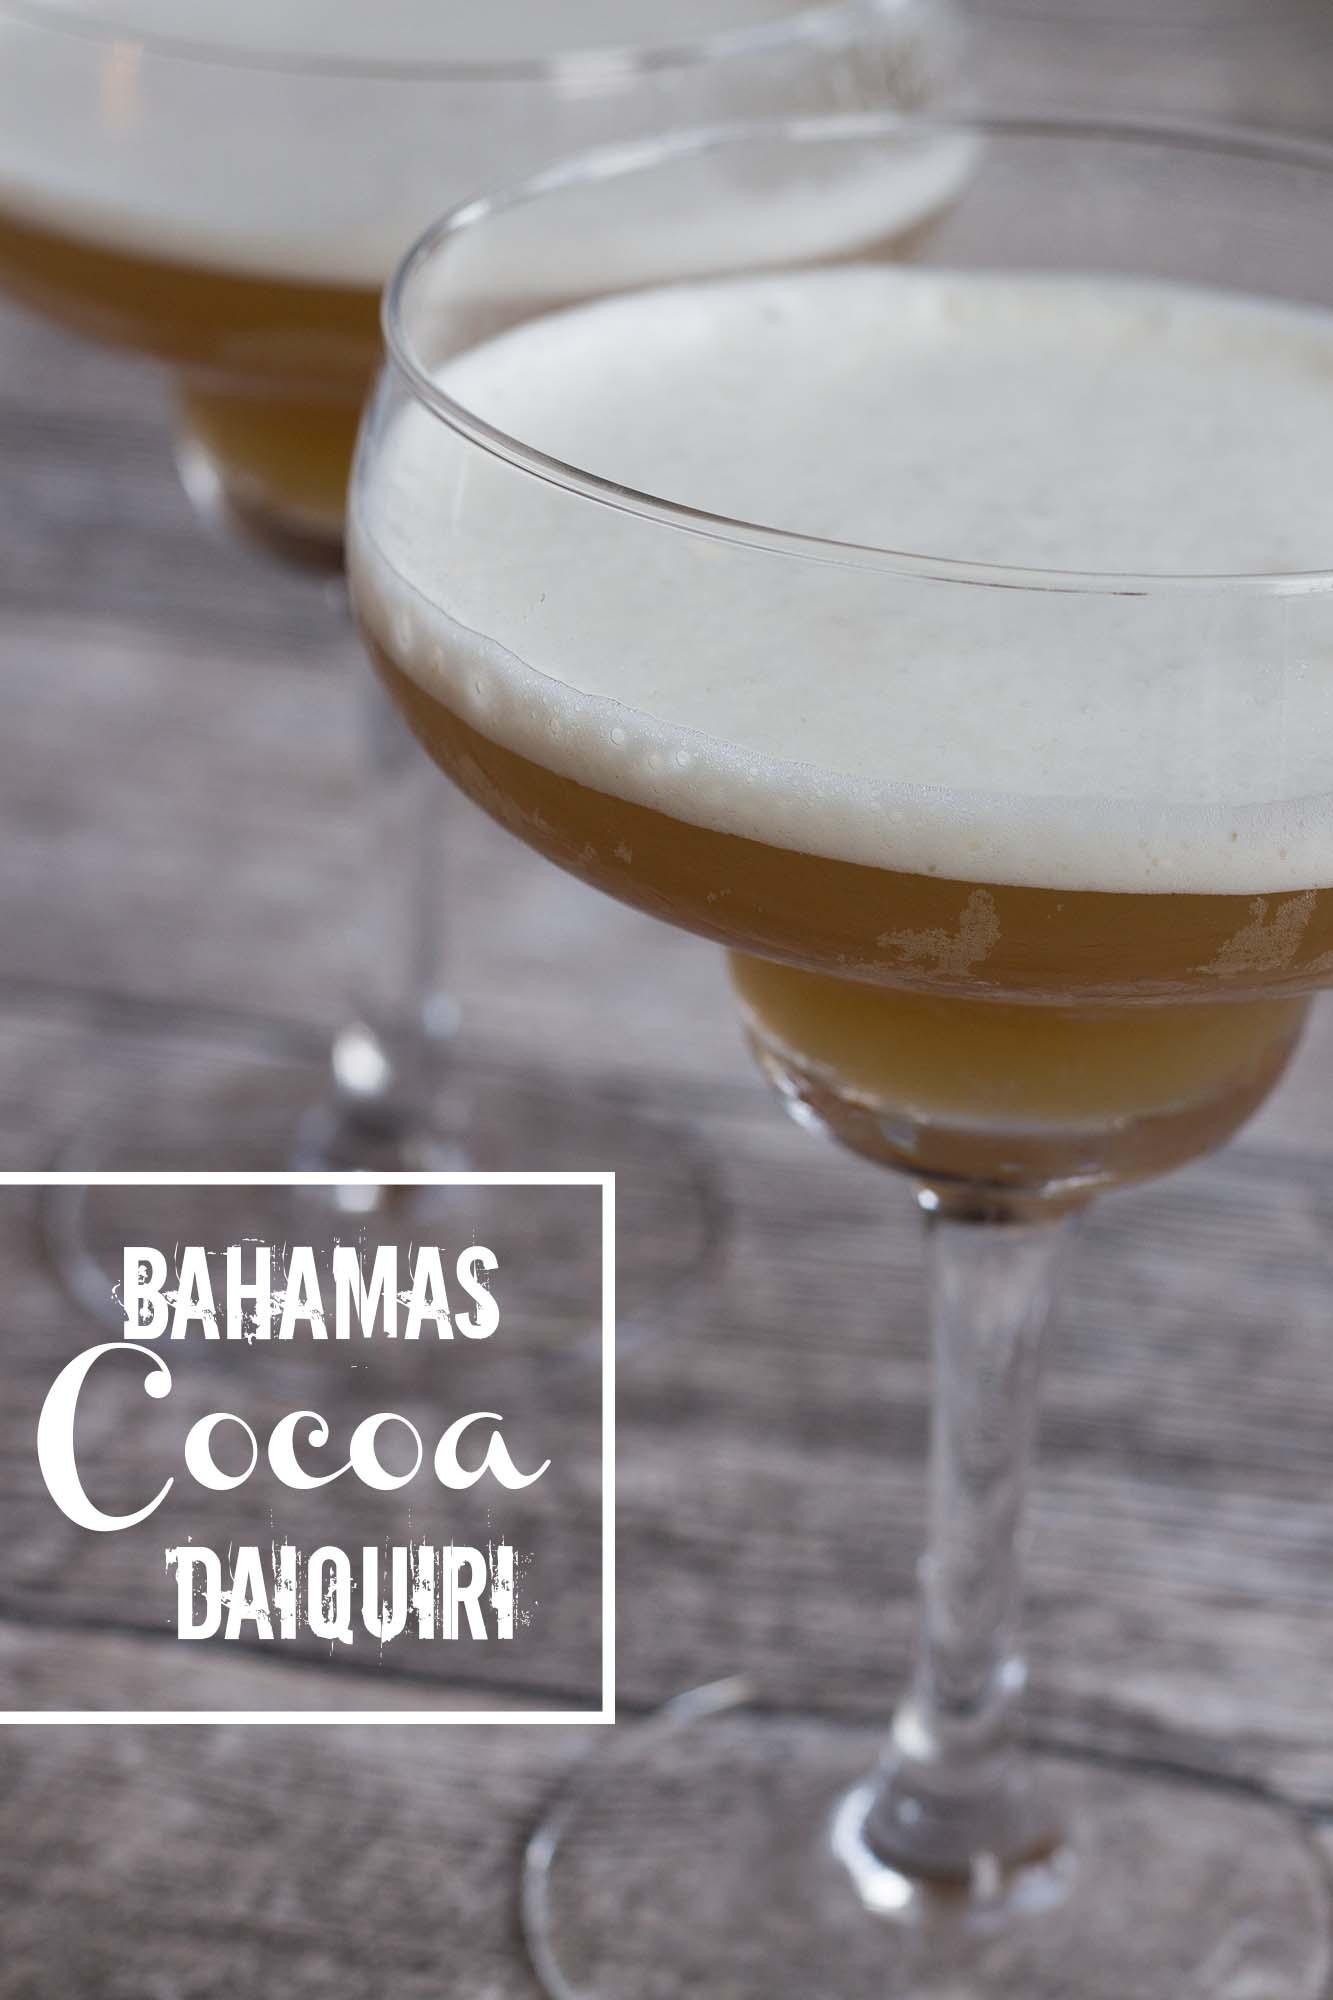 Bahamas Cocoa Daiquiri